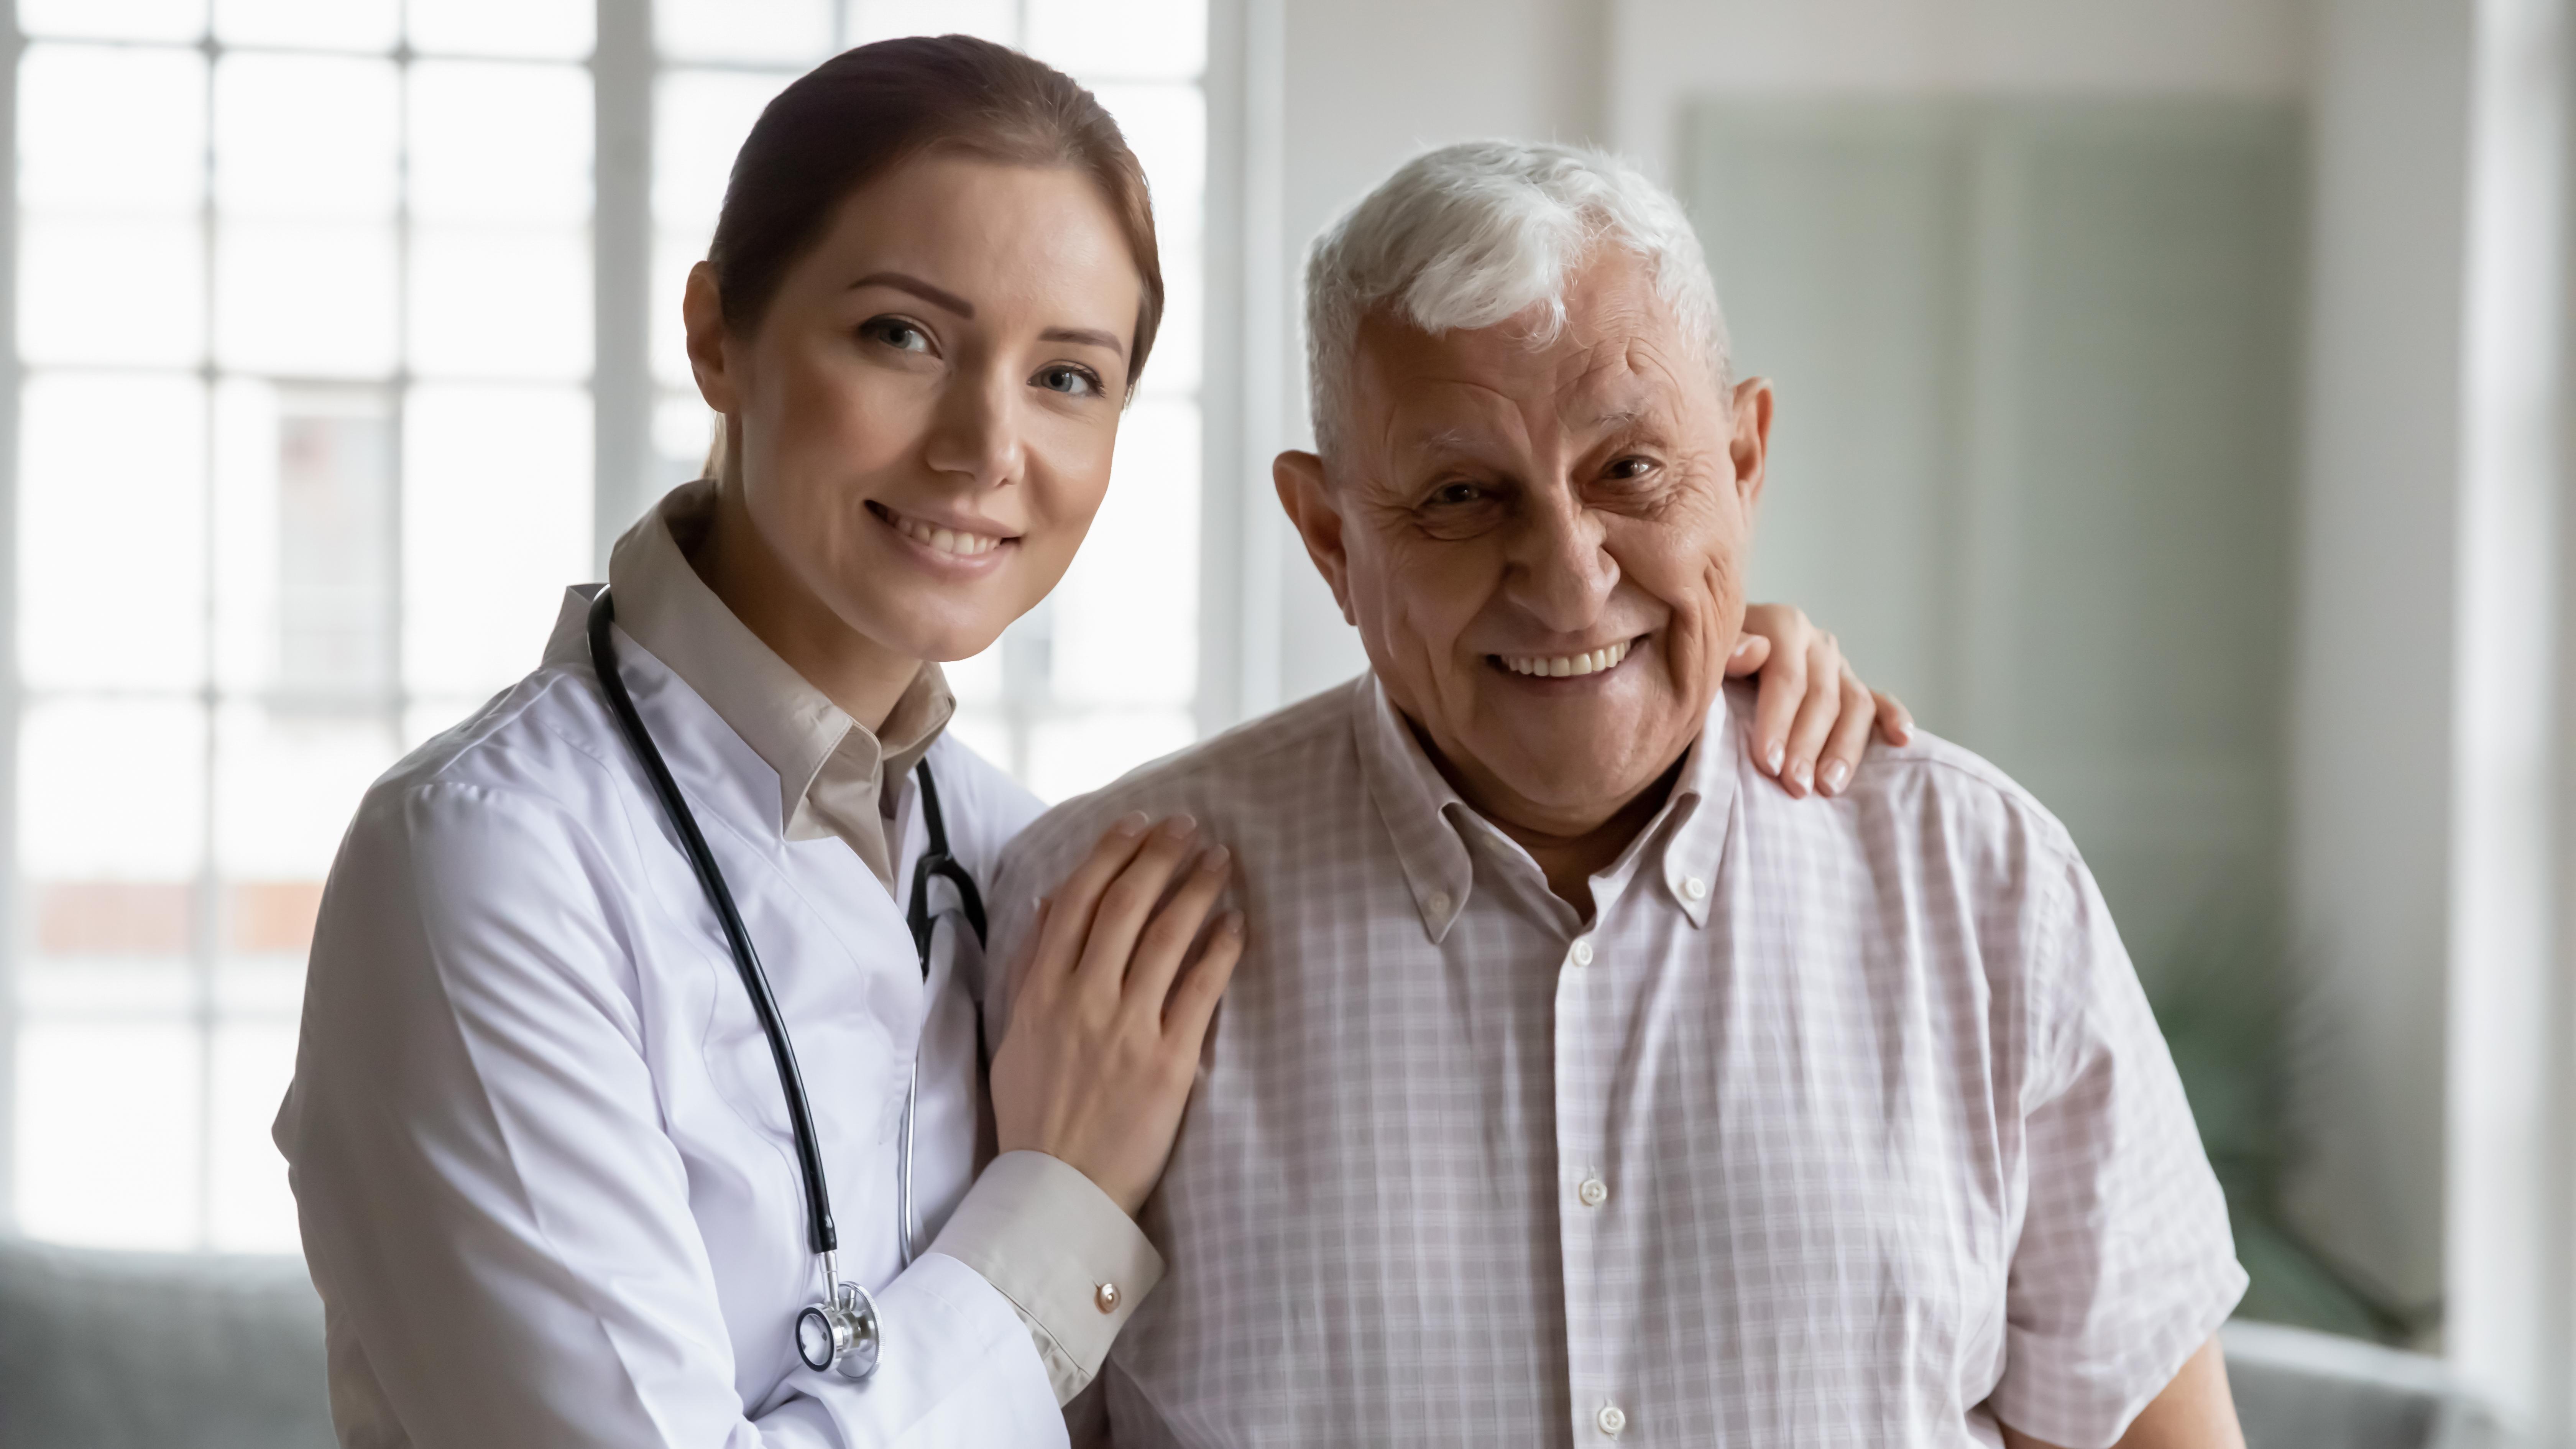 Врач и пациент в больнице в Италии, где можно получить ВНЖ для лечения